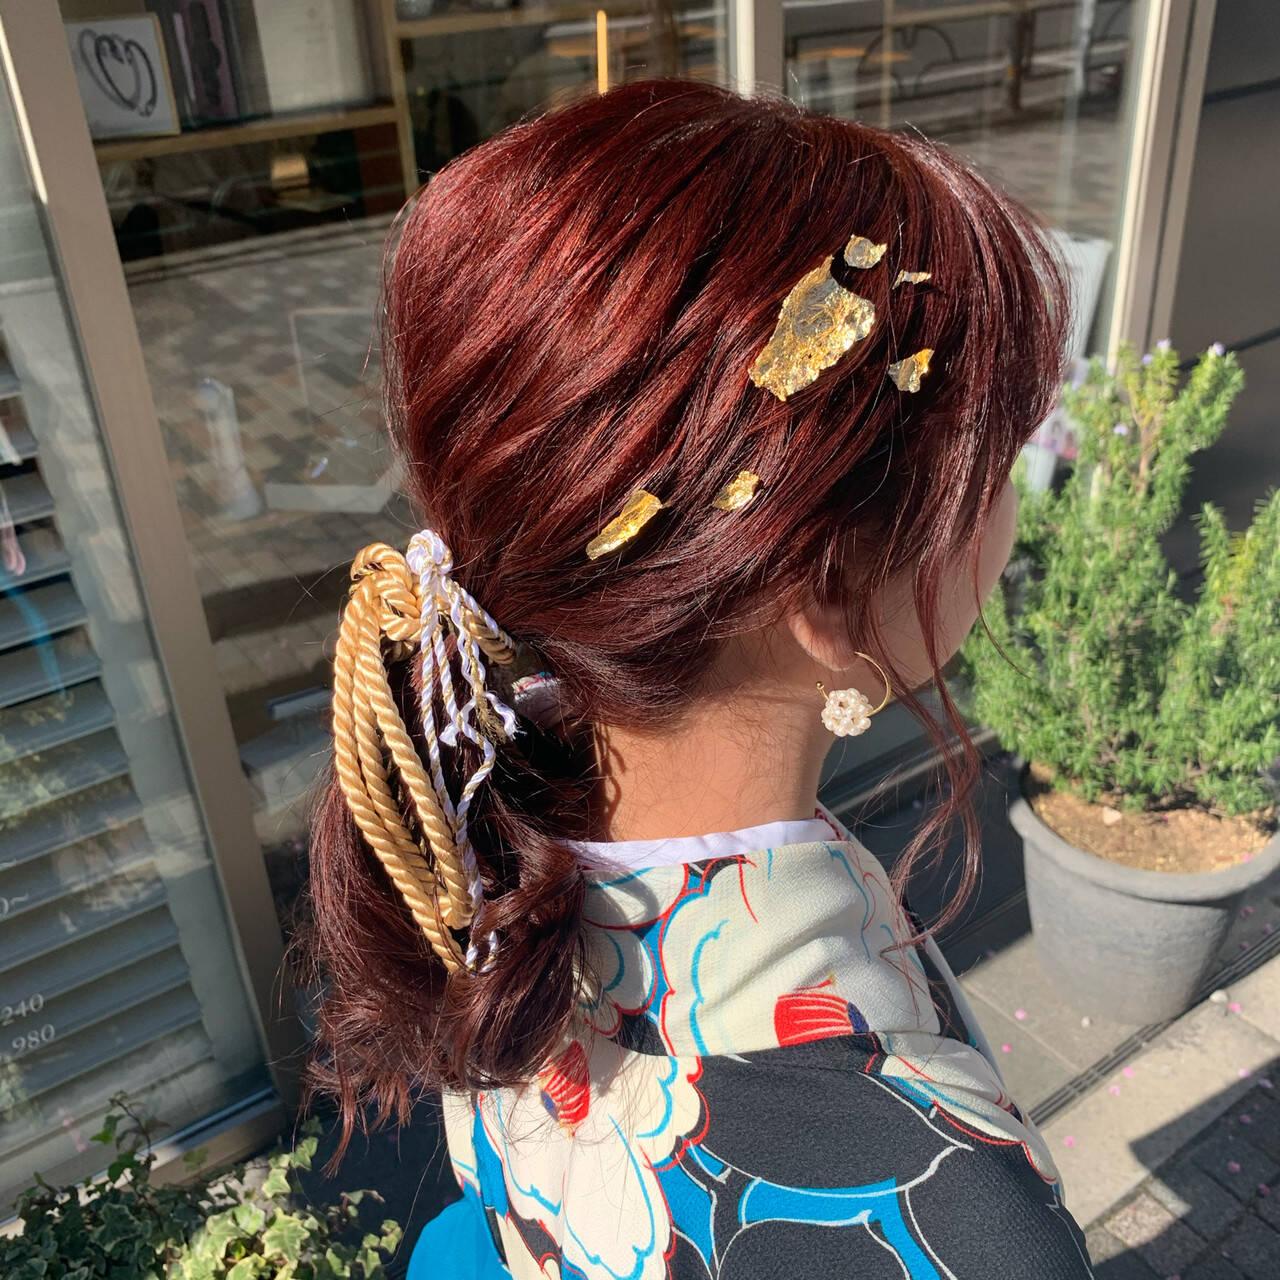 フェミニン ゆるふわセット ロング 簡単ヘアアレンジヘアスタイルや髪型の写真・画像